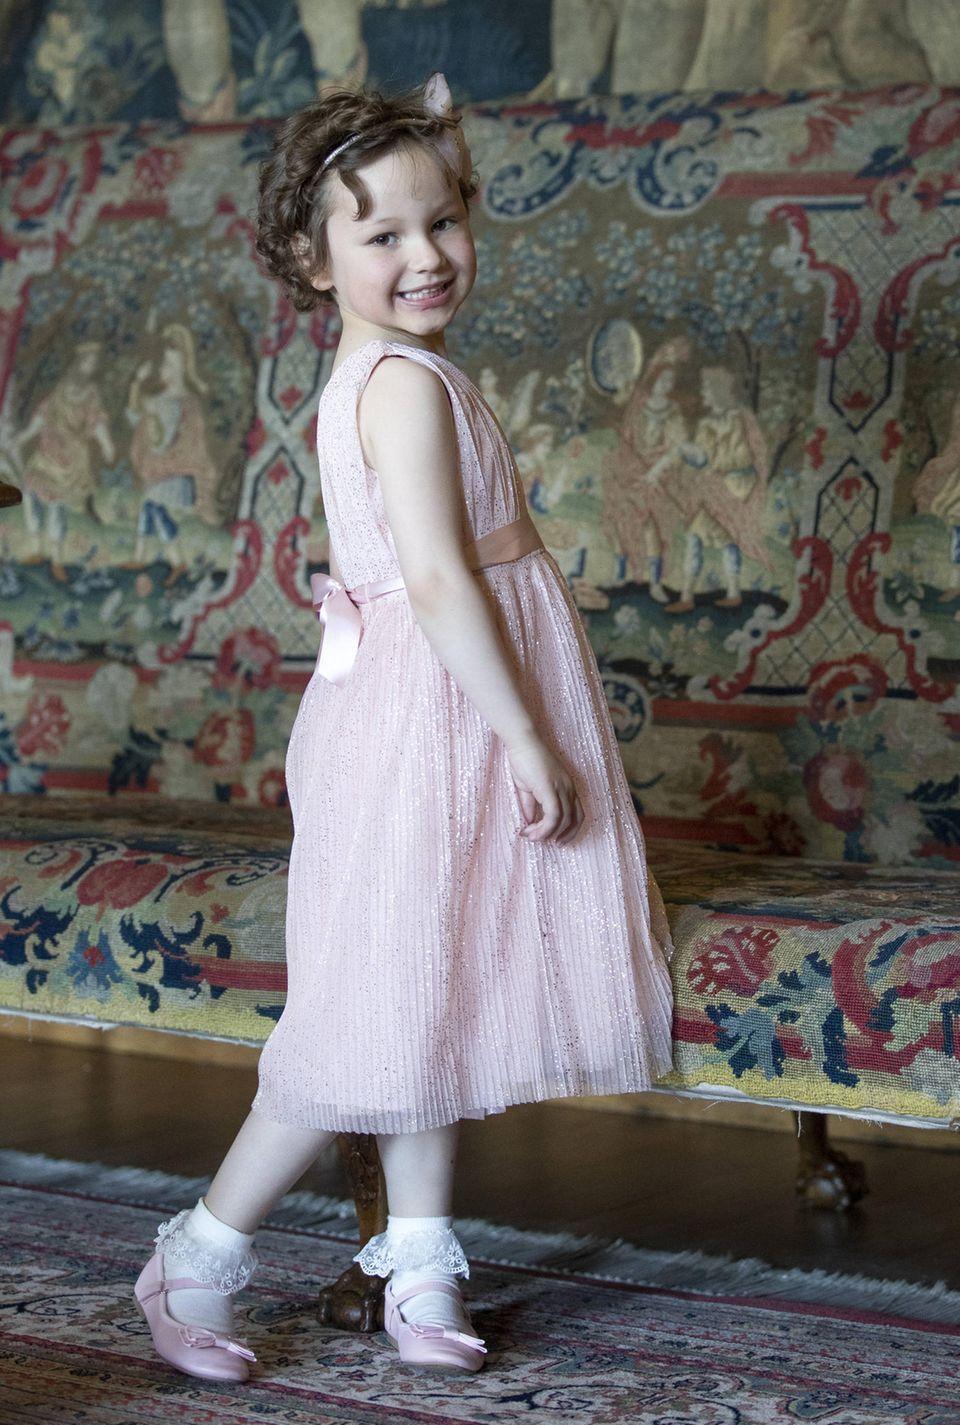 Stolz posiert die fünfjährige Mila in ihrem rosafarbenen Glitzerkleid für die Fotografen. Natürlich hat sie sich für das Treffen mit einer echten Prinzessin in Schale geworfen.